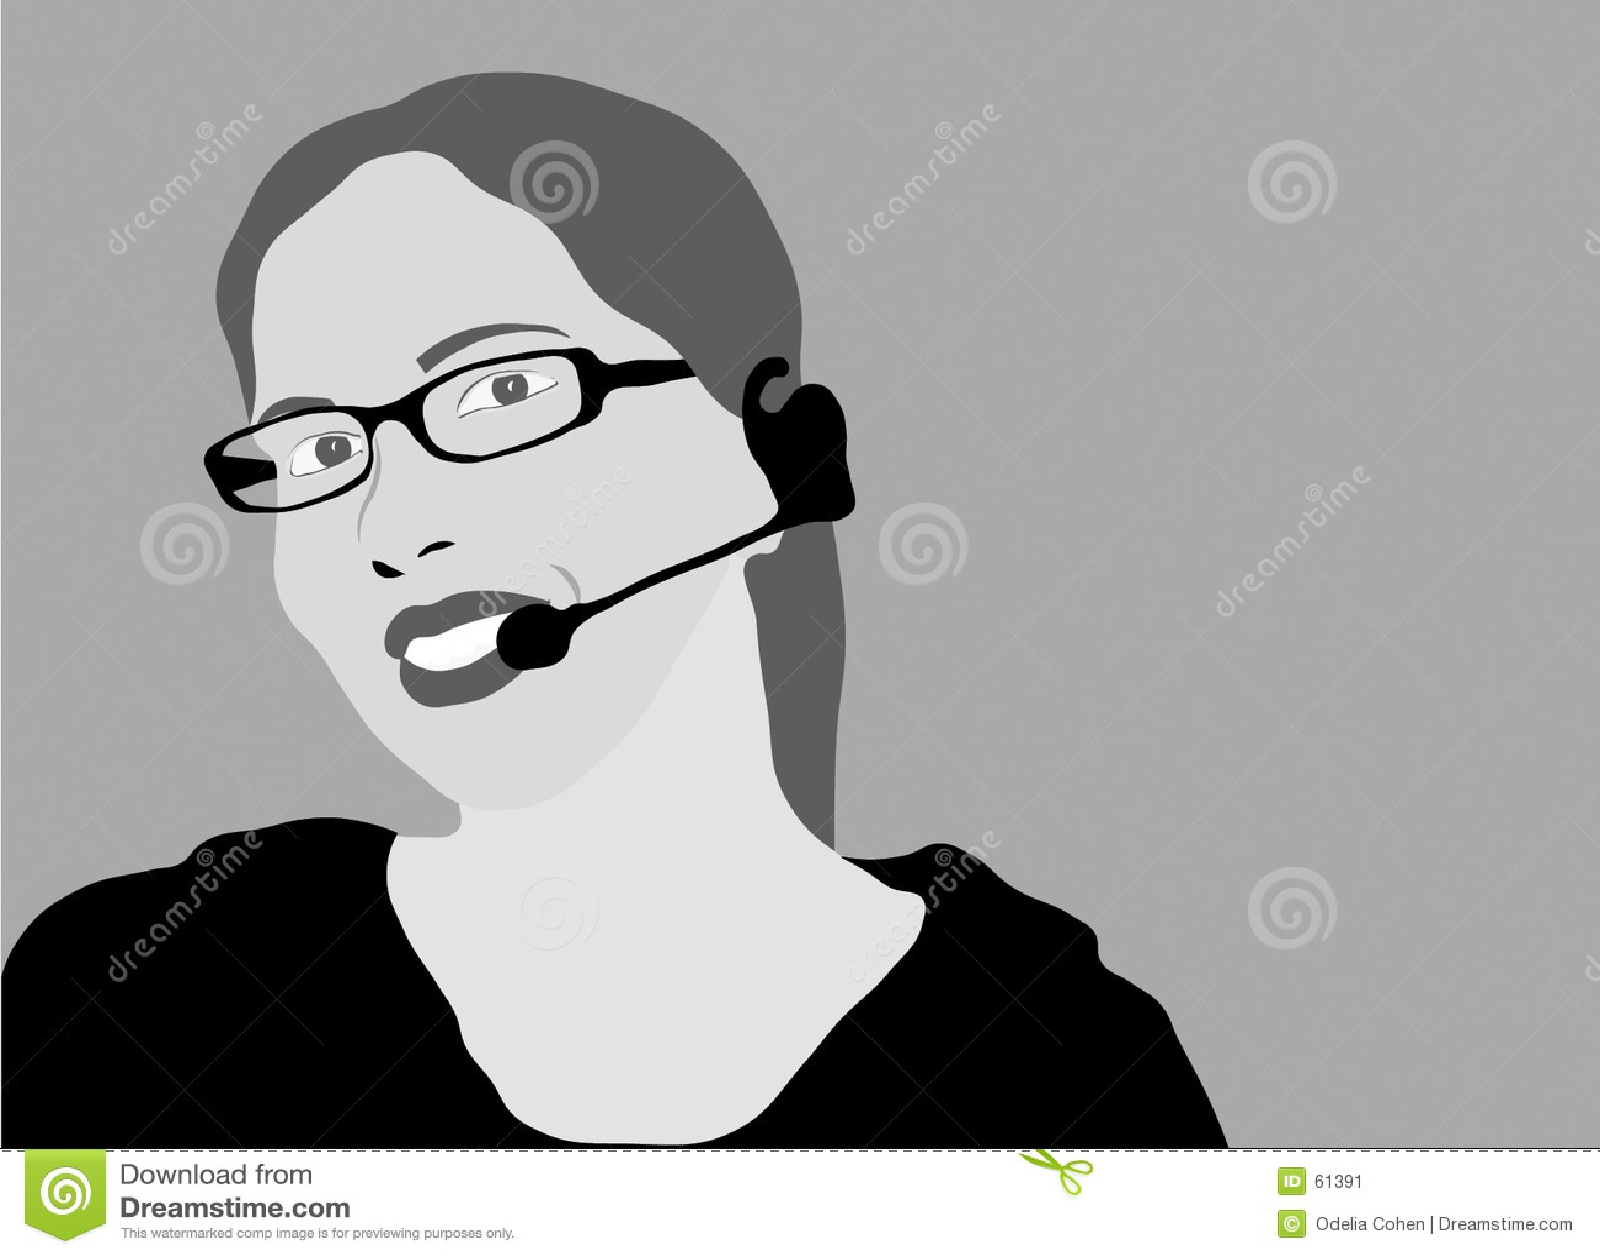 Rappresentante di servizio di assistenza al cliente - gradazione di grigio